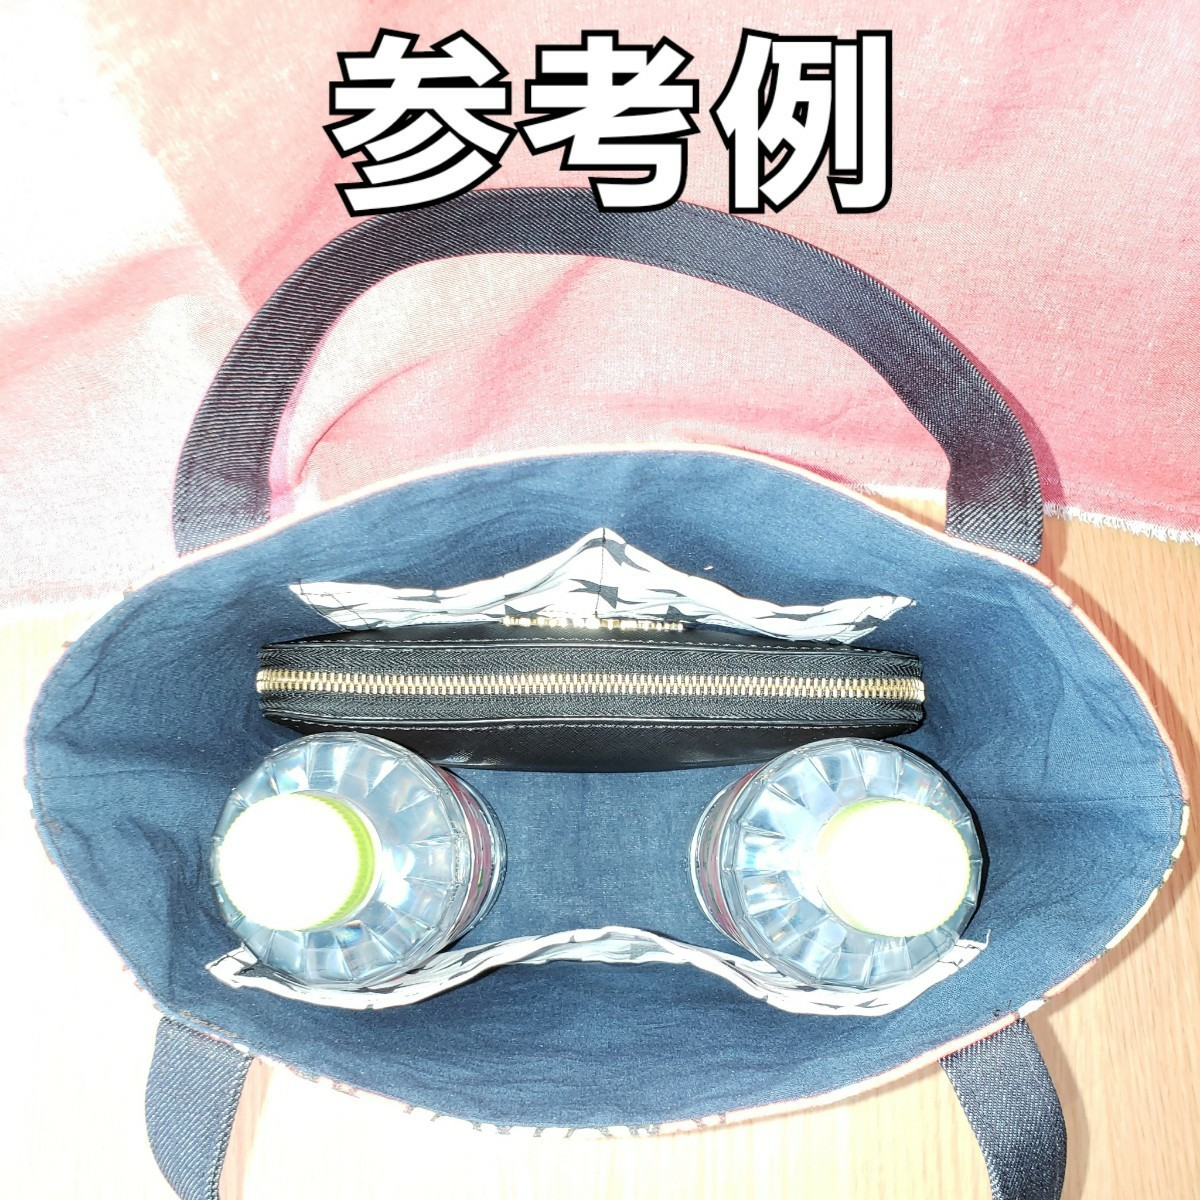 ハンドメイド 【赤 帆布】ヒスミニ柄 ミニトートバッグ トートバッグ バッグ